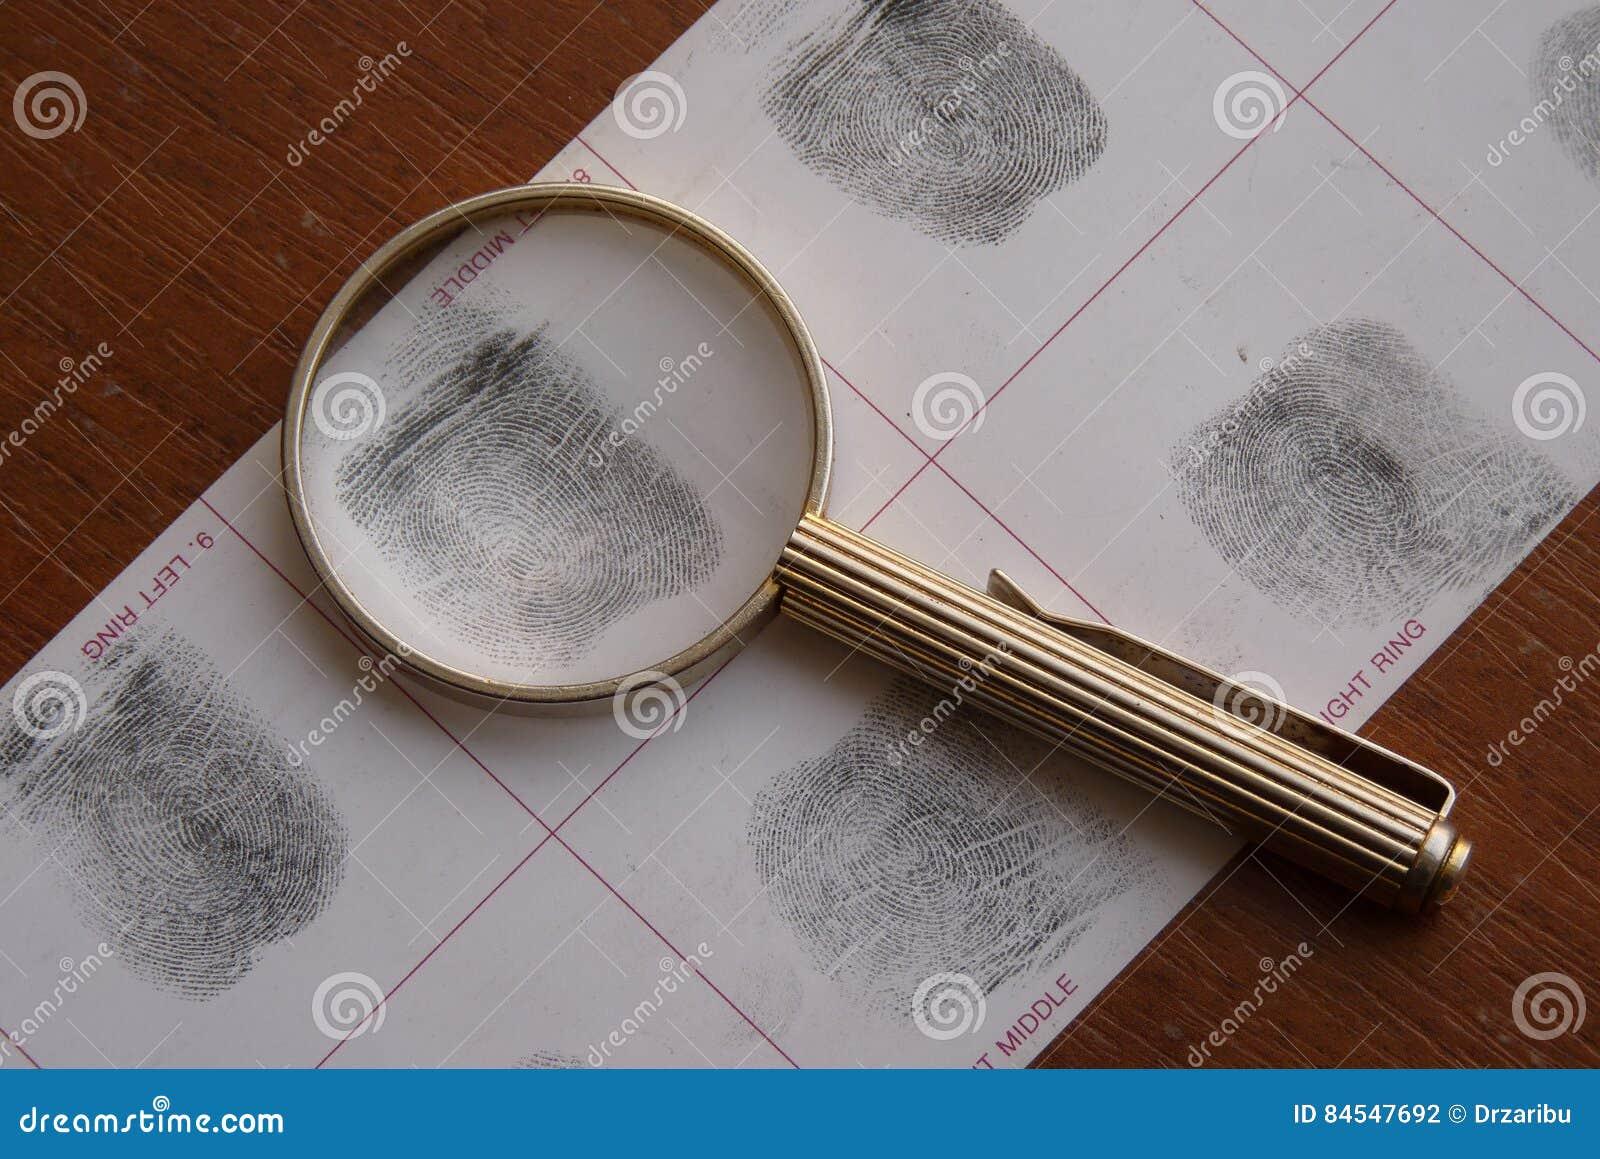 Toma as impressões digitais o exame